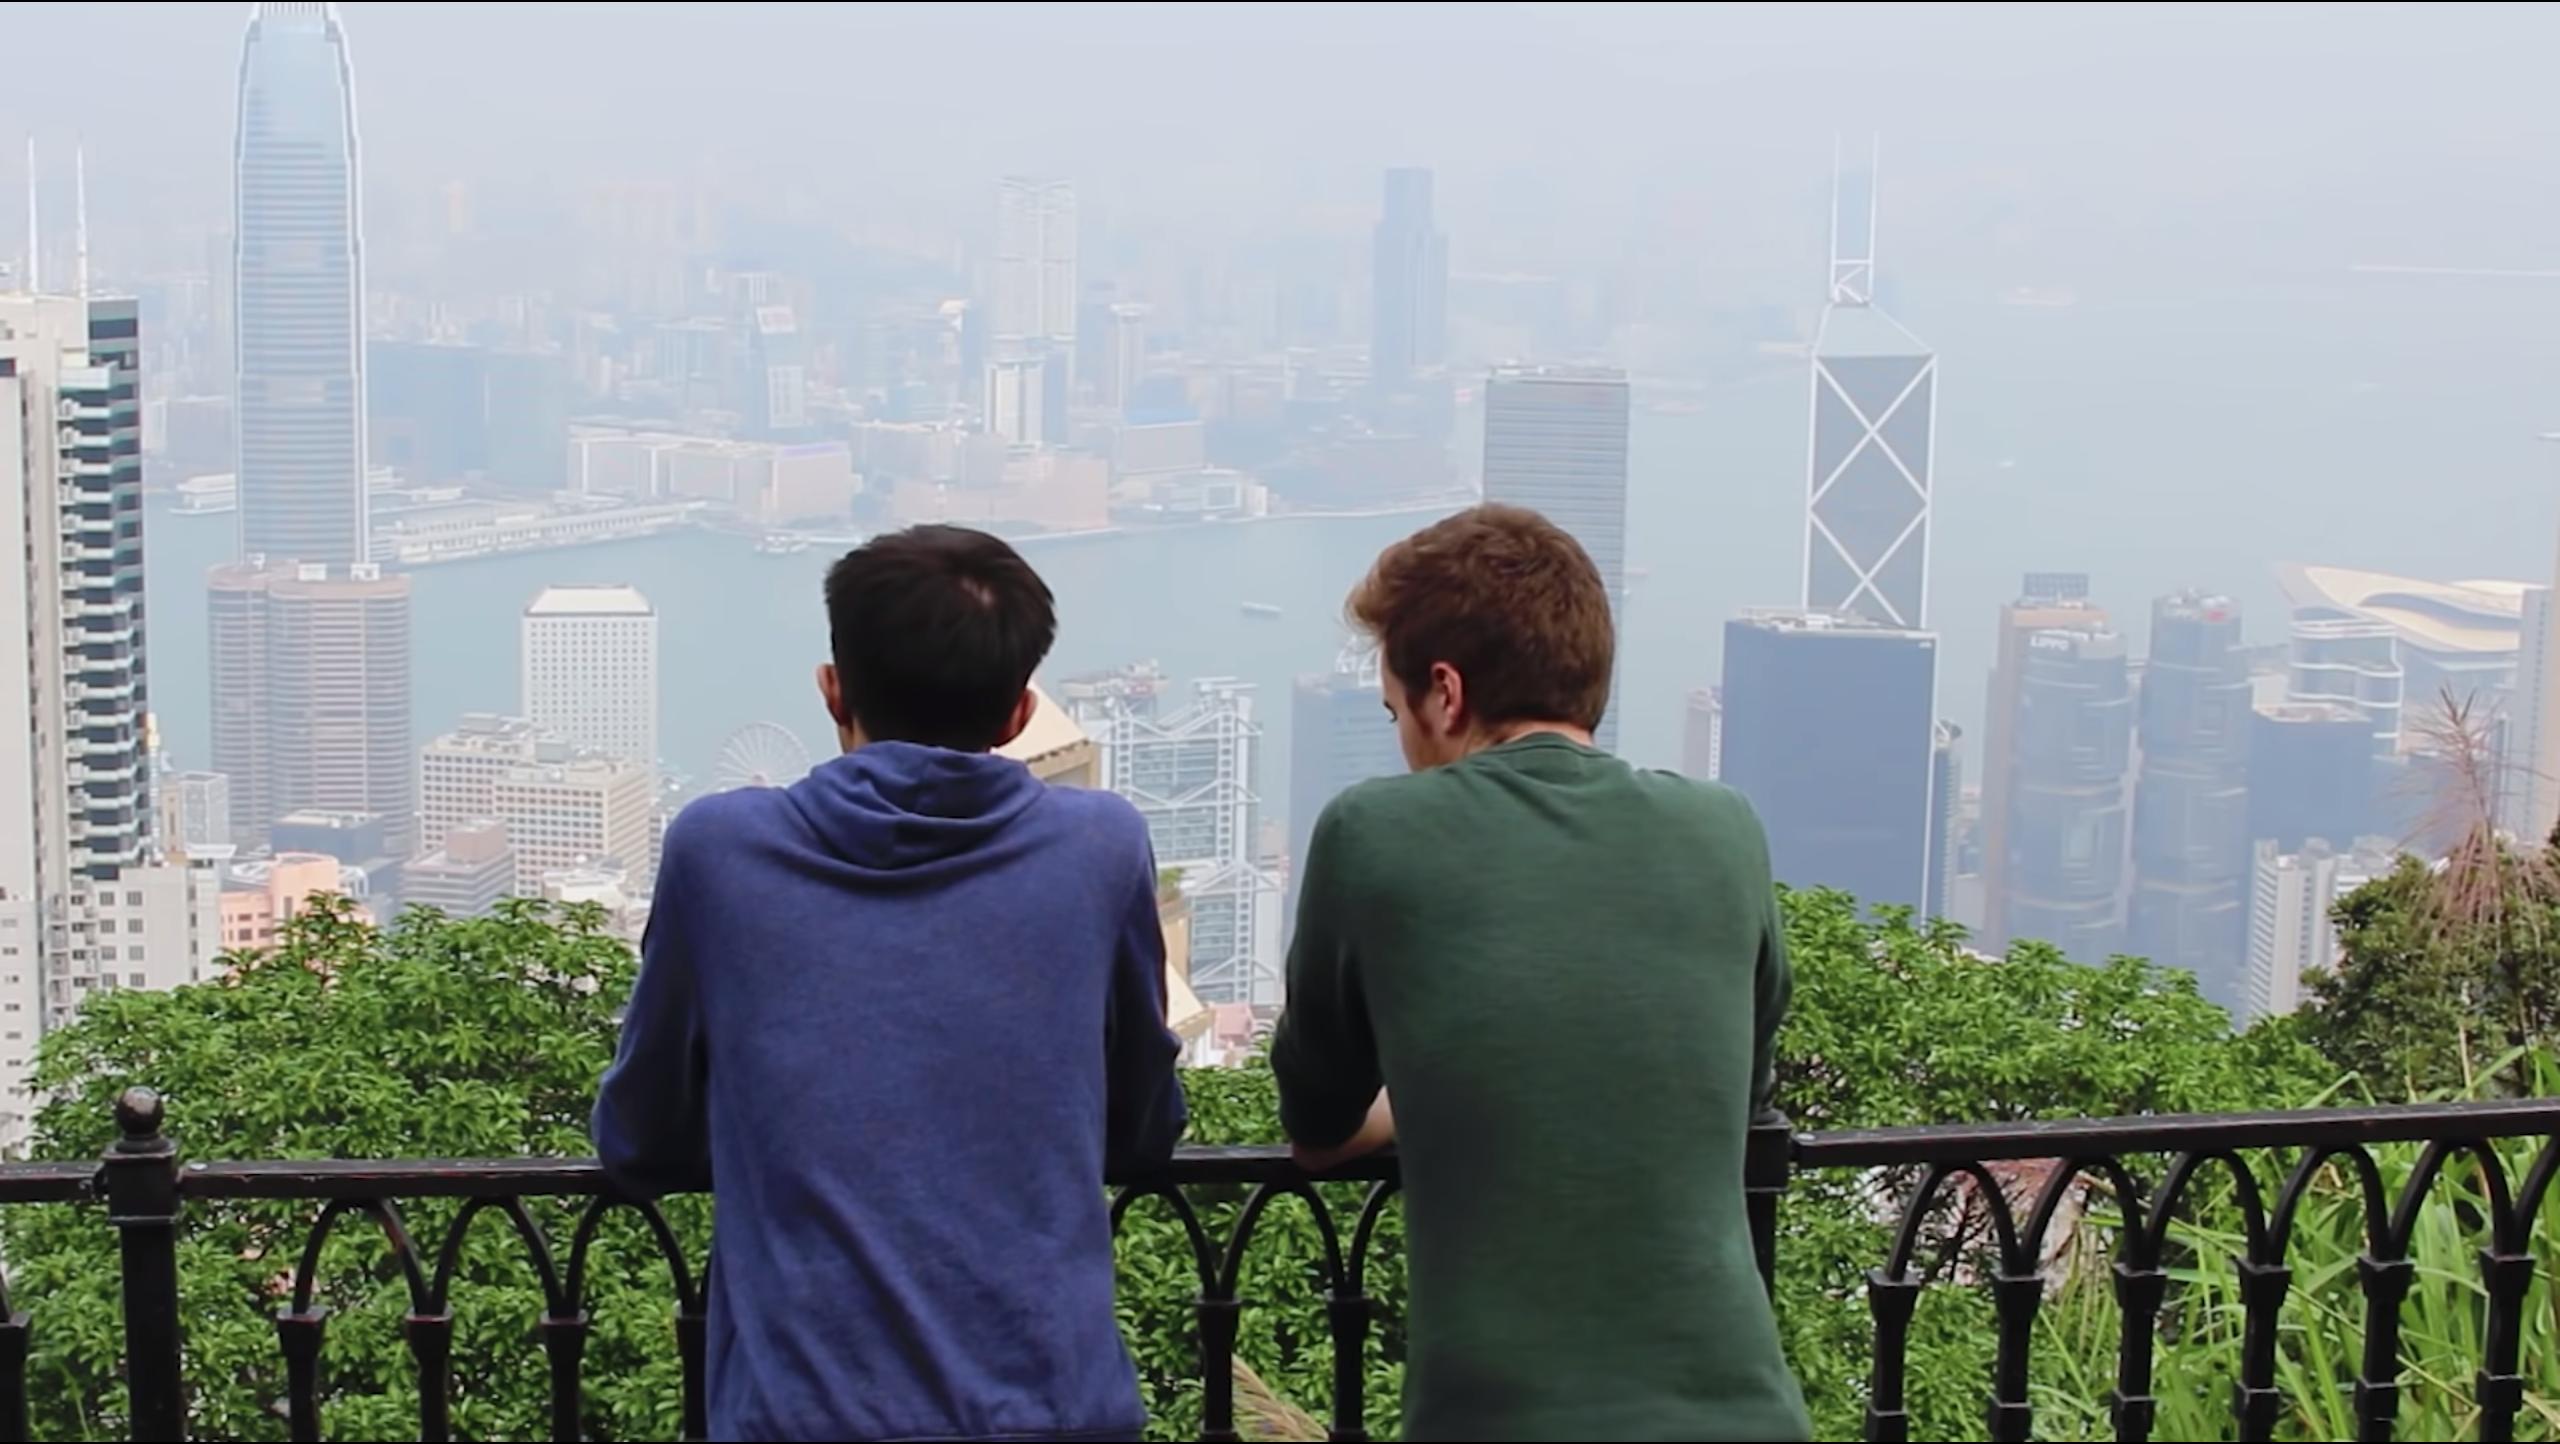 採訪聰哥之「光復香港事件」如果能重來?聰哥:「我仍然會這麼做」